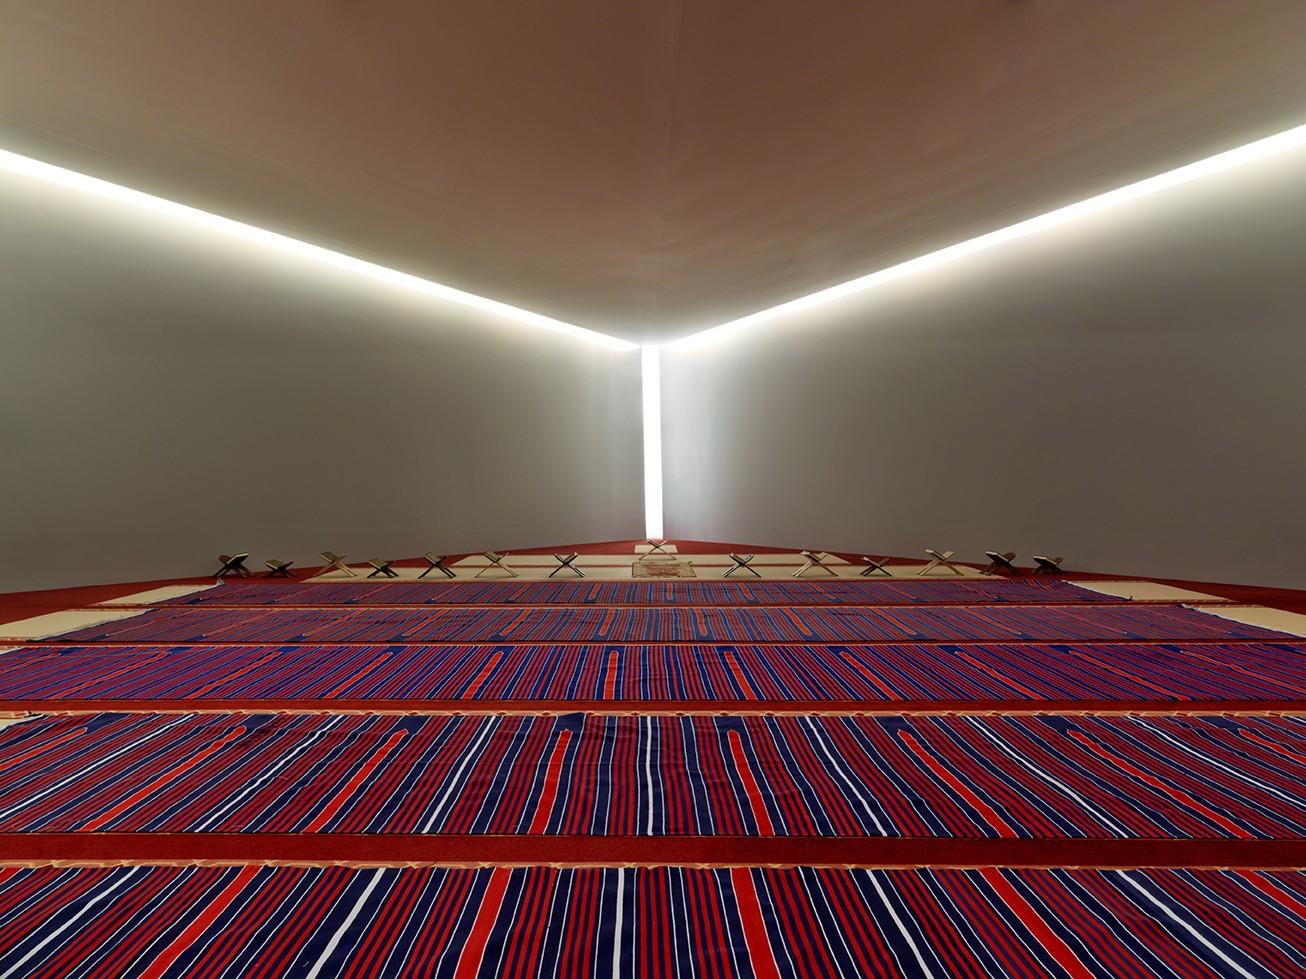 Alessandra Bianchi Architetto duccio grassi architects | linkedin